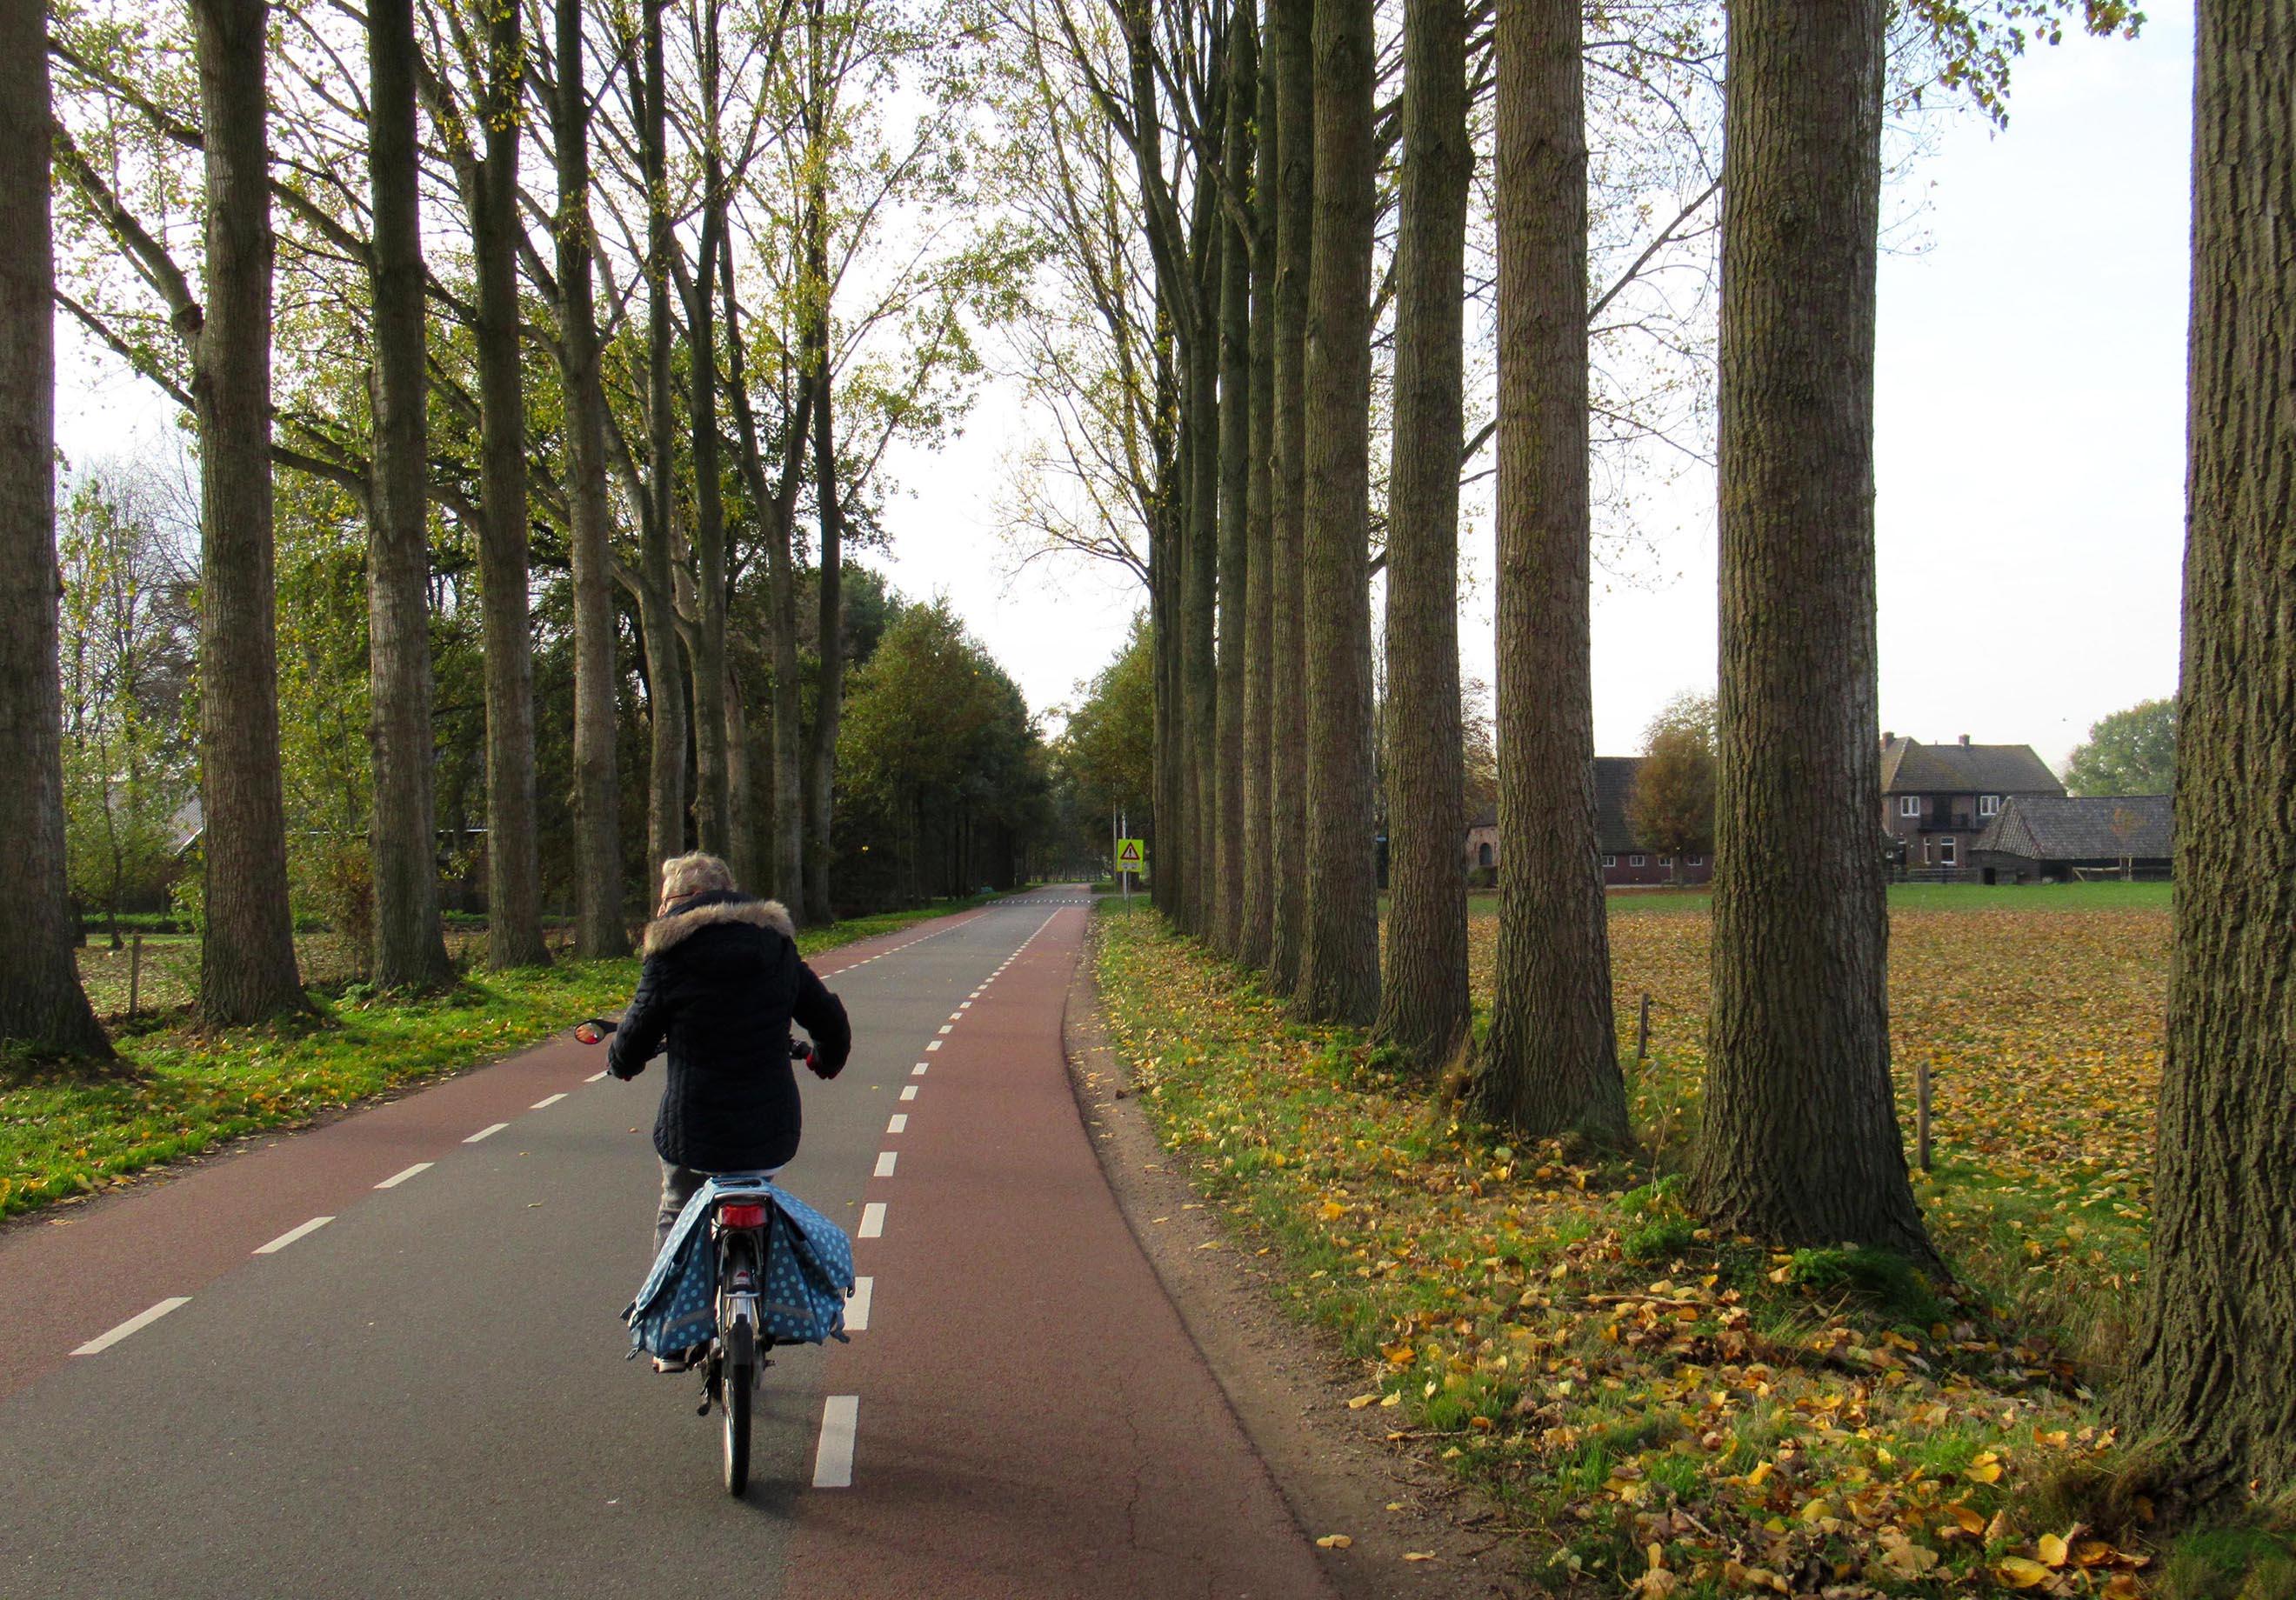 Fransien fietst over de Kraatsweg tussen de hoge populieren met rechts de boerderij Het Eerste Erf – Foto: ©Louis Fraanje